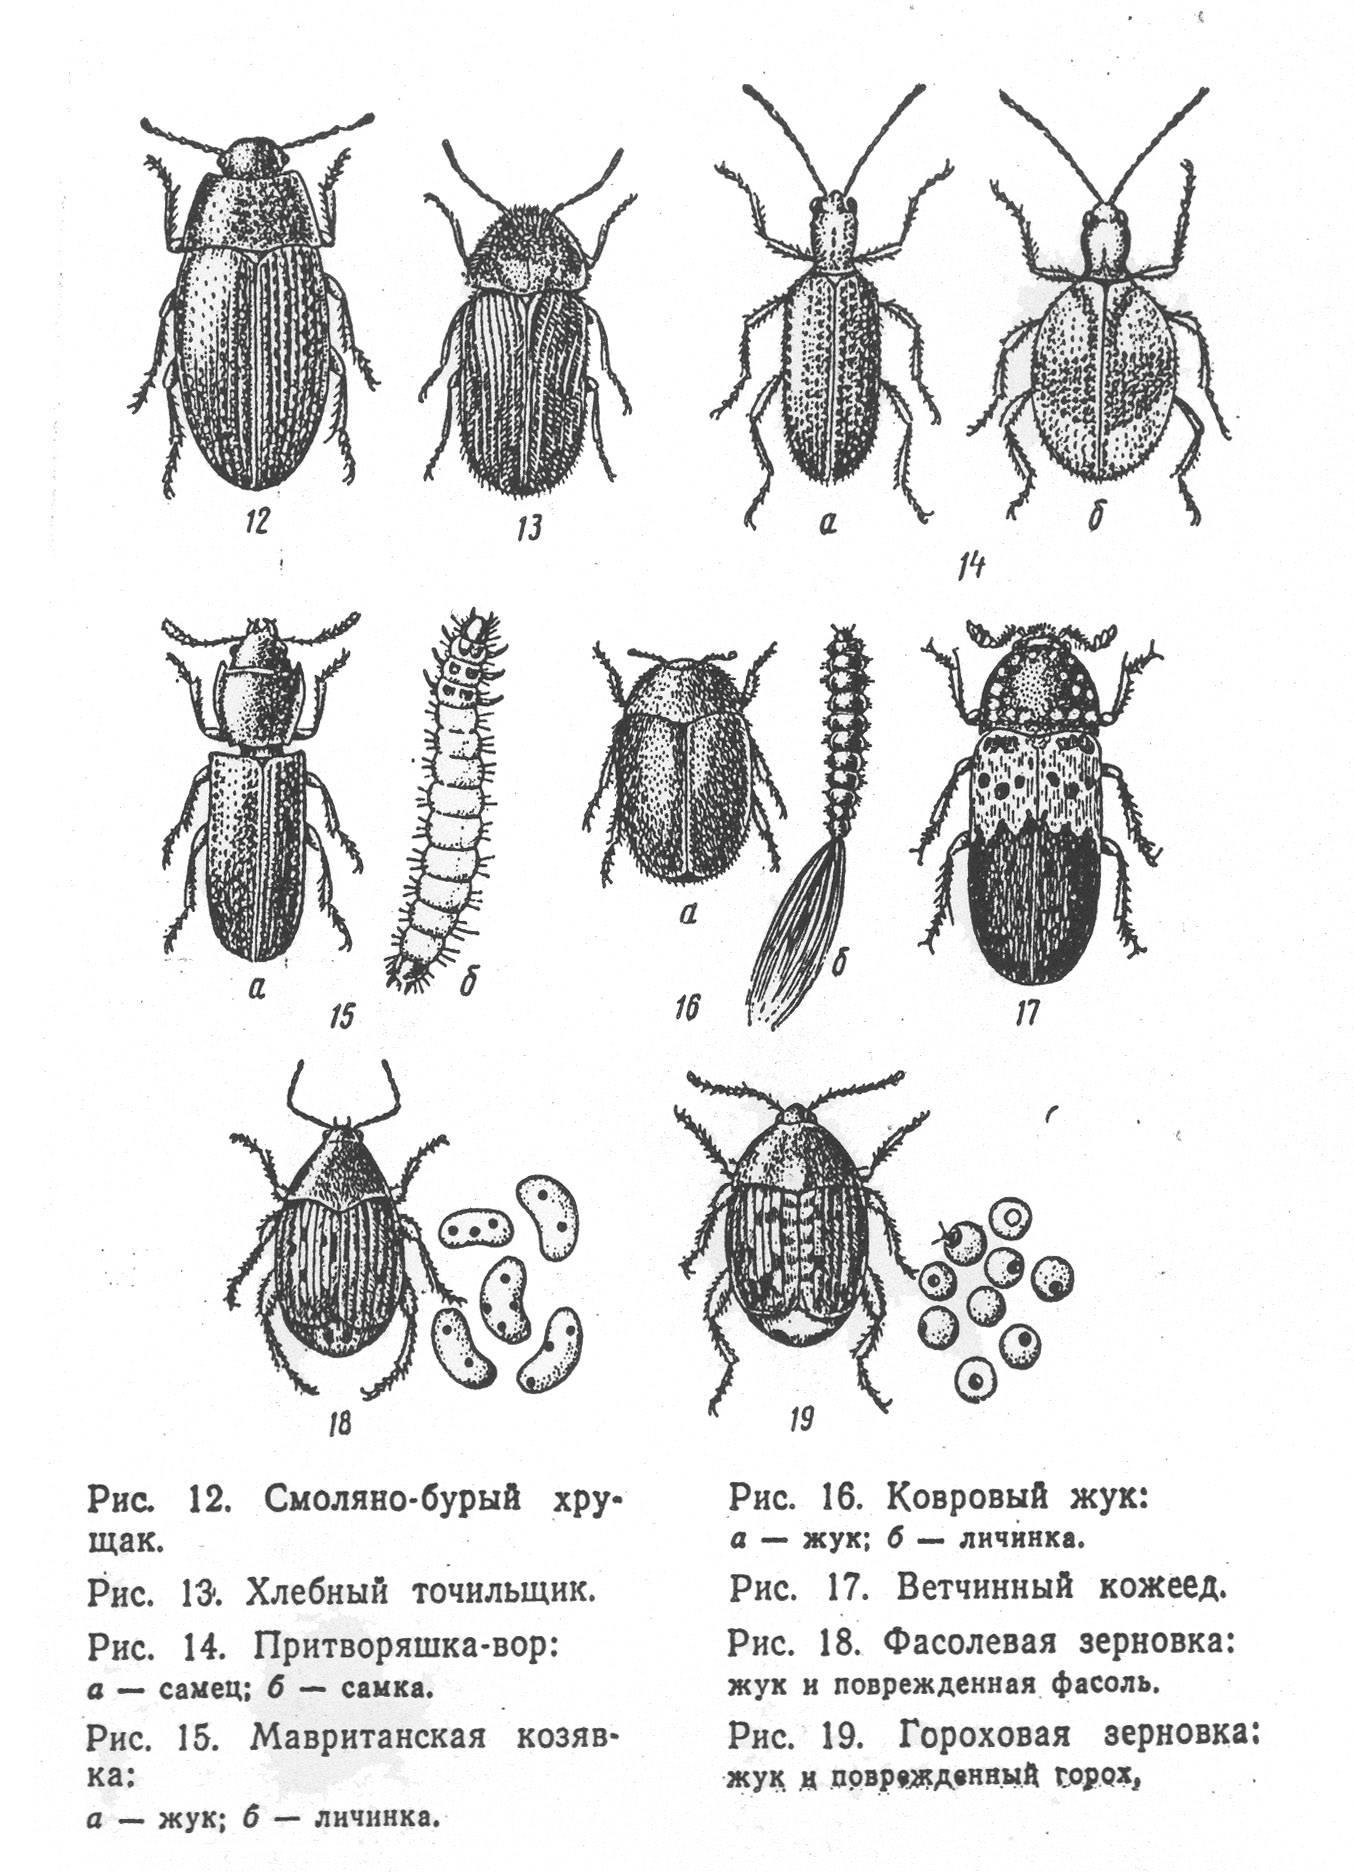 Как избавиться от жуков кожеедов в квартире: эффективные способы